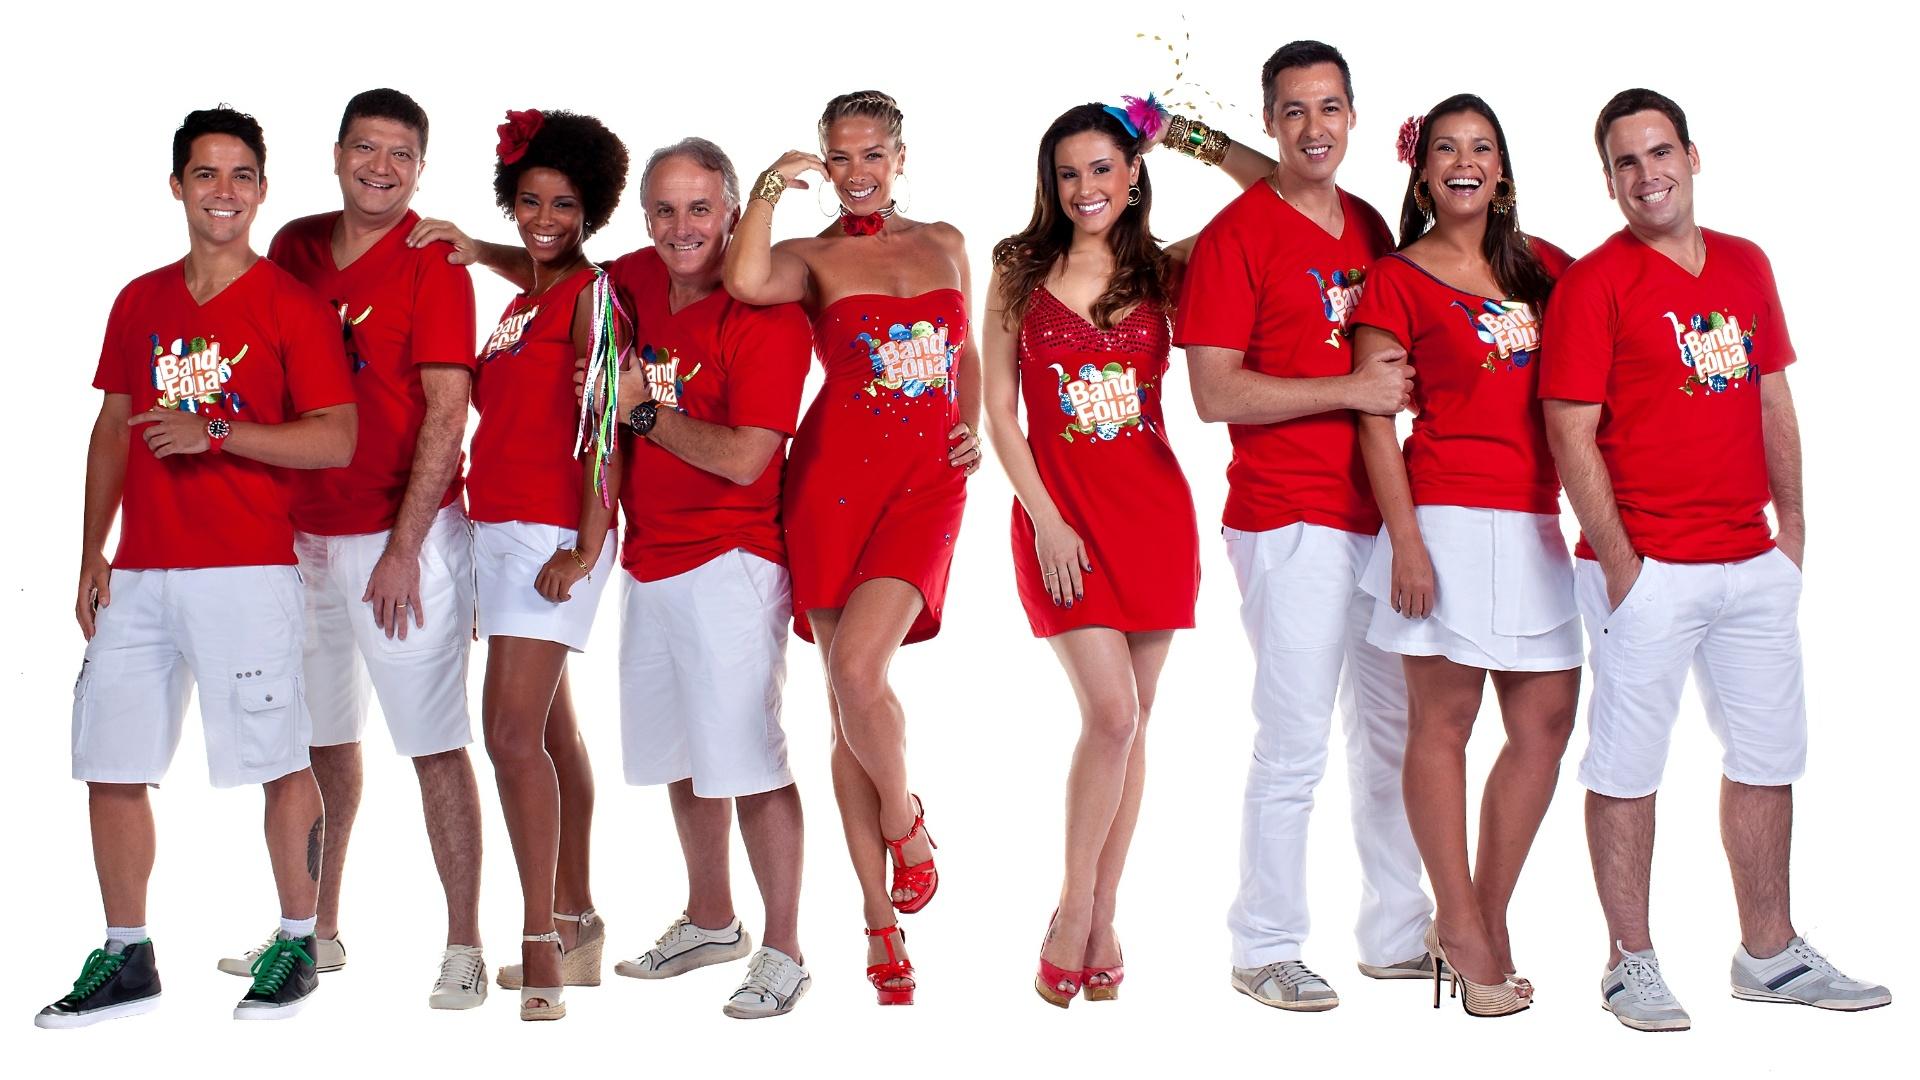 Equipe de apresentadores da Band que comandarão o Band Folia, cobertura especial do Carnaval